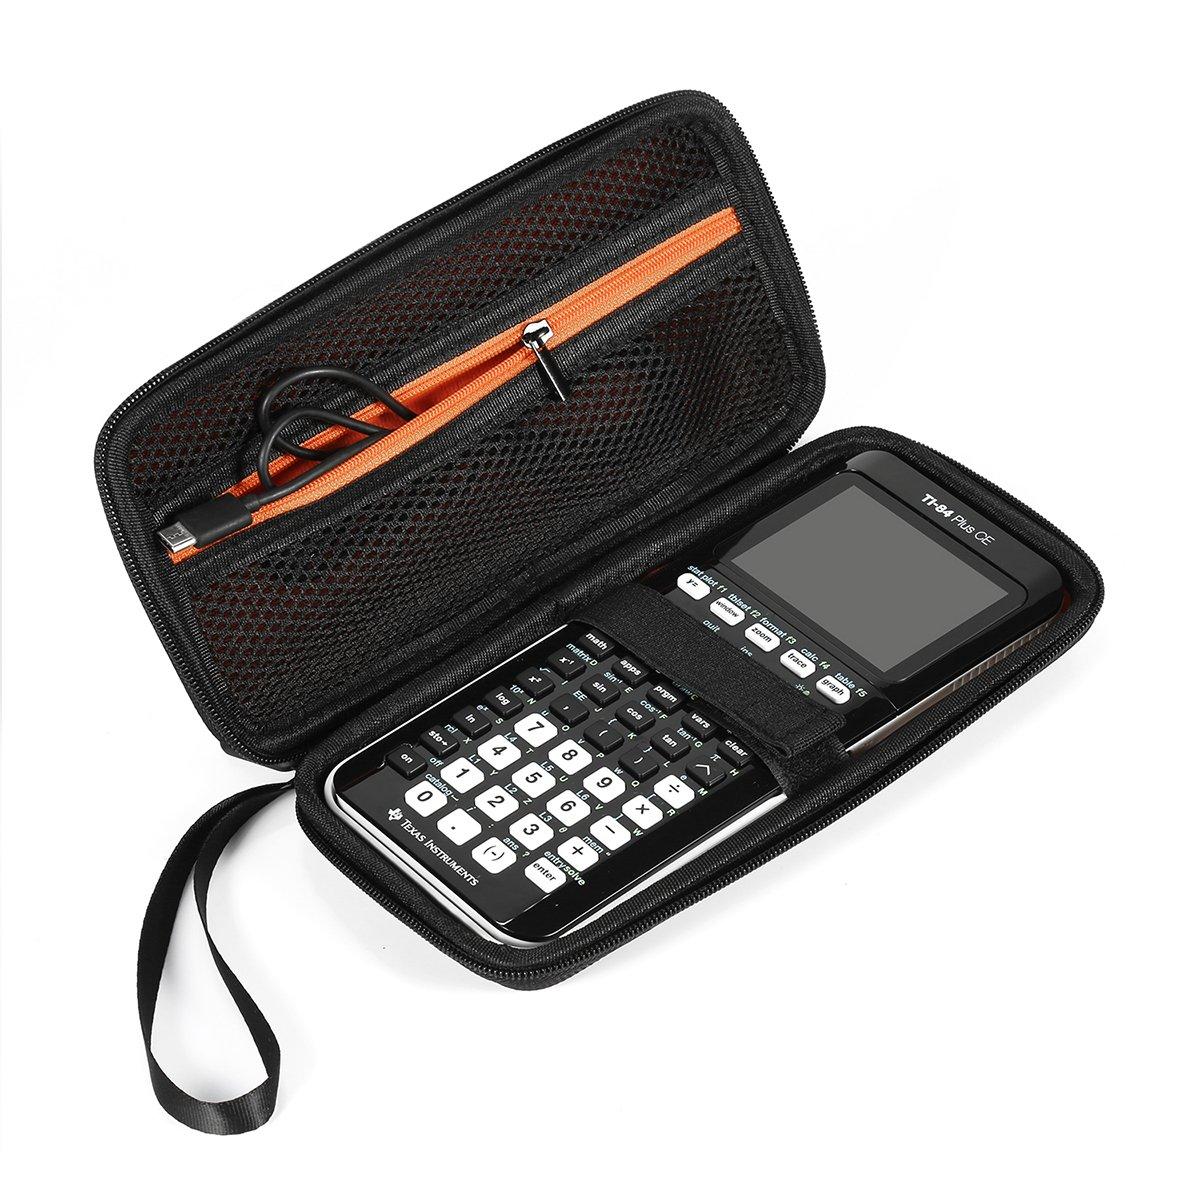 Pixnor per rappresentare graficamente la Calcolatrice Texas Instruments TI-84 / Plus CE EVA rigida antiurto Custodia viaggio Borsa Custodia Custodia scatola di trasporto